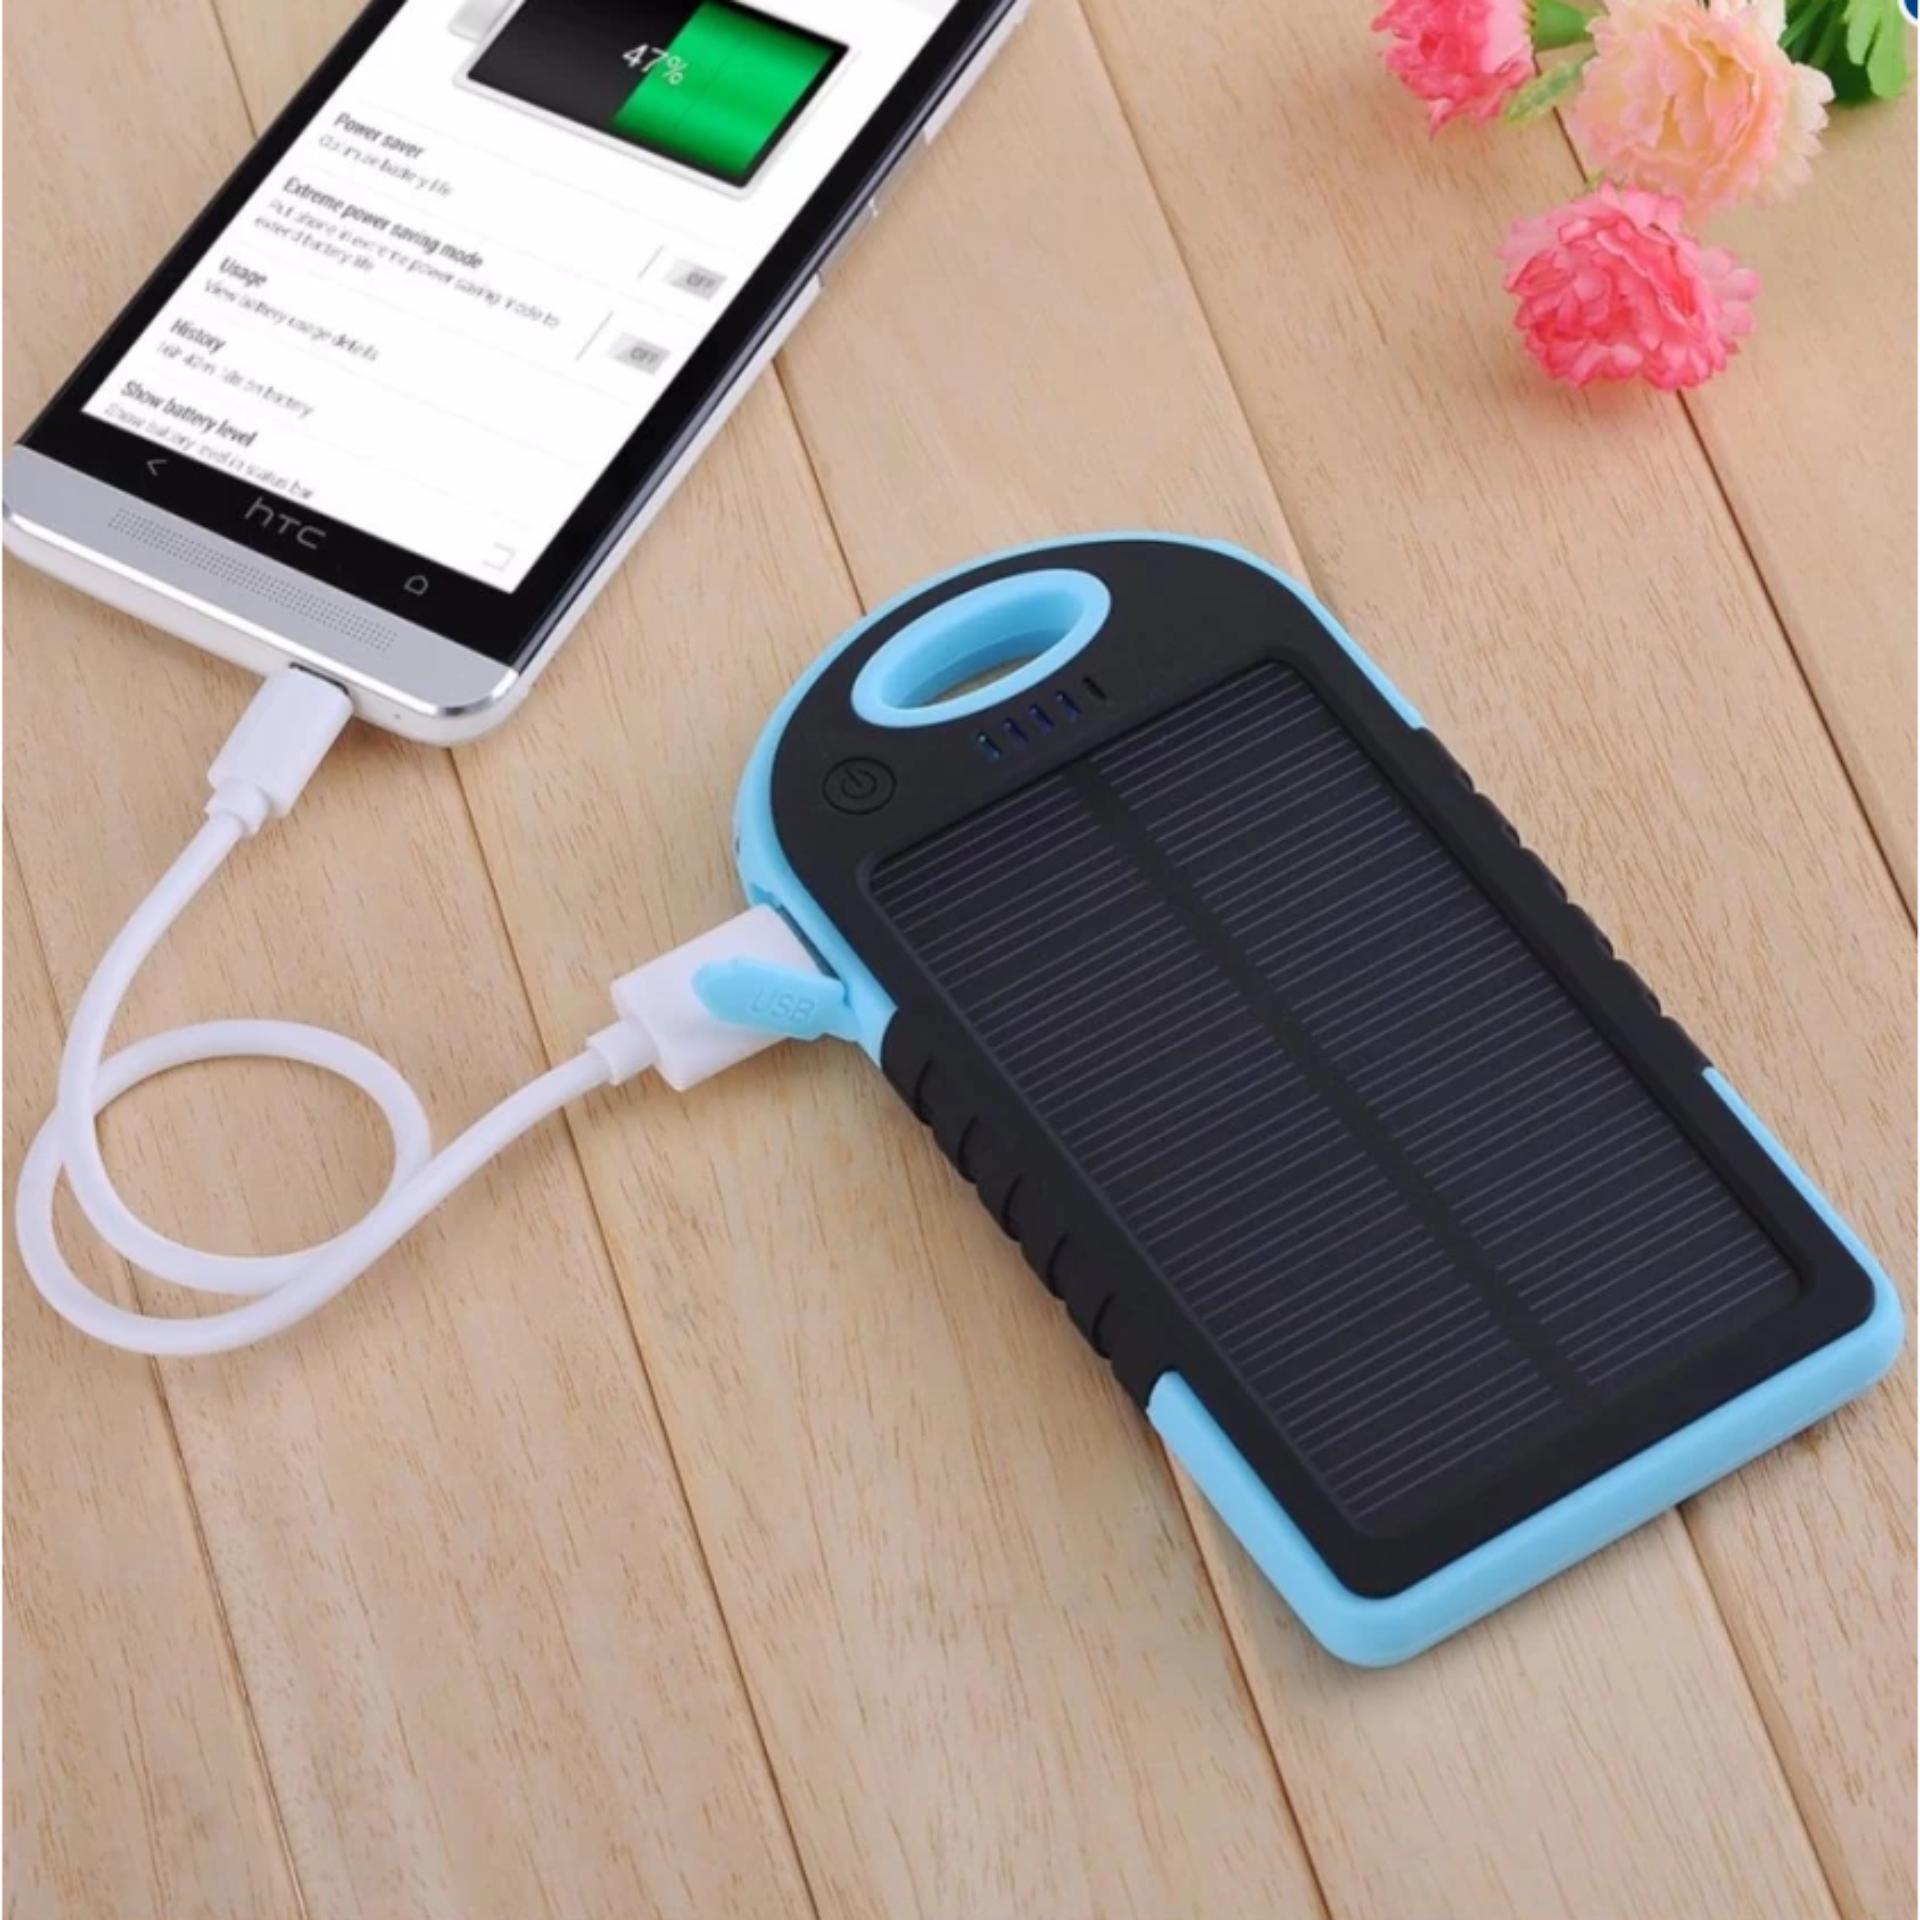 Hình ảnh Pin sạc dự phòng năng lượng mặt trời